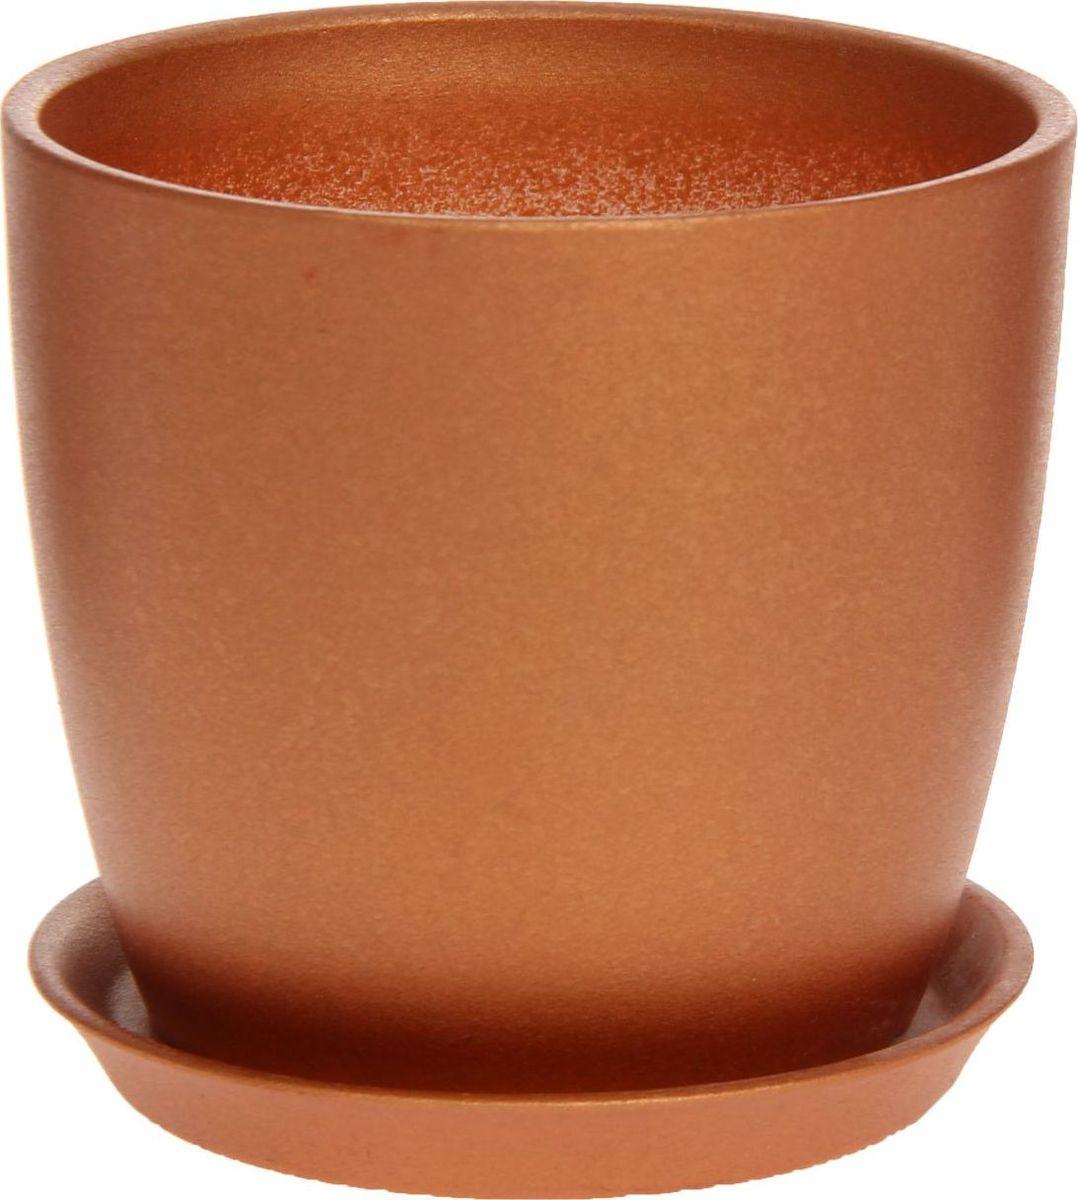 Кашпо Керамика ручной работы Осень, цвет: бронзовый, 0,5 л1170263Комнатные растения - всеобщие любимцы. Они радуют глаз, насыщают помещение кислородом и украшают пространство. Каждому из них необходим свой удобный и красивый дом. Кашпо из керамики прекрасно подходят для высадки растений:пористый материал позволяет испаряться лишней влаге;воздух, необходимый для дыхания корней, проникает сквозь керамические стенки. Кашпо Осень позаботится о зеленом питомце, освежит интерьер и подчеркнет его стиль.